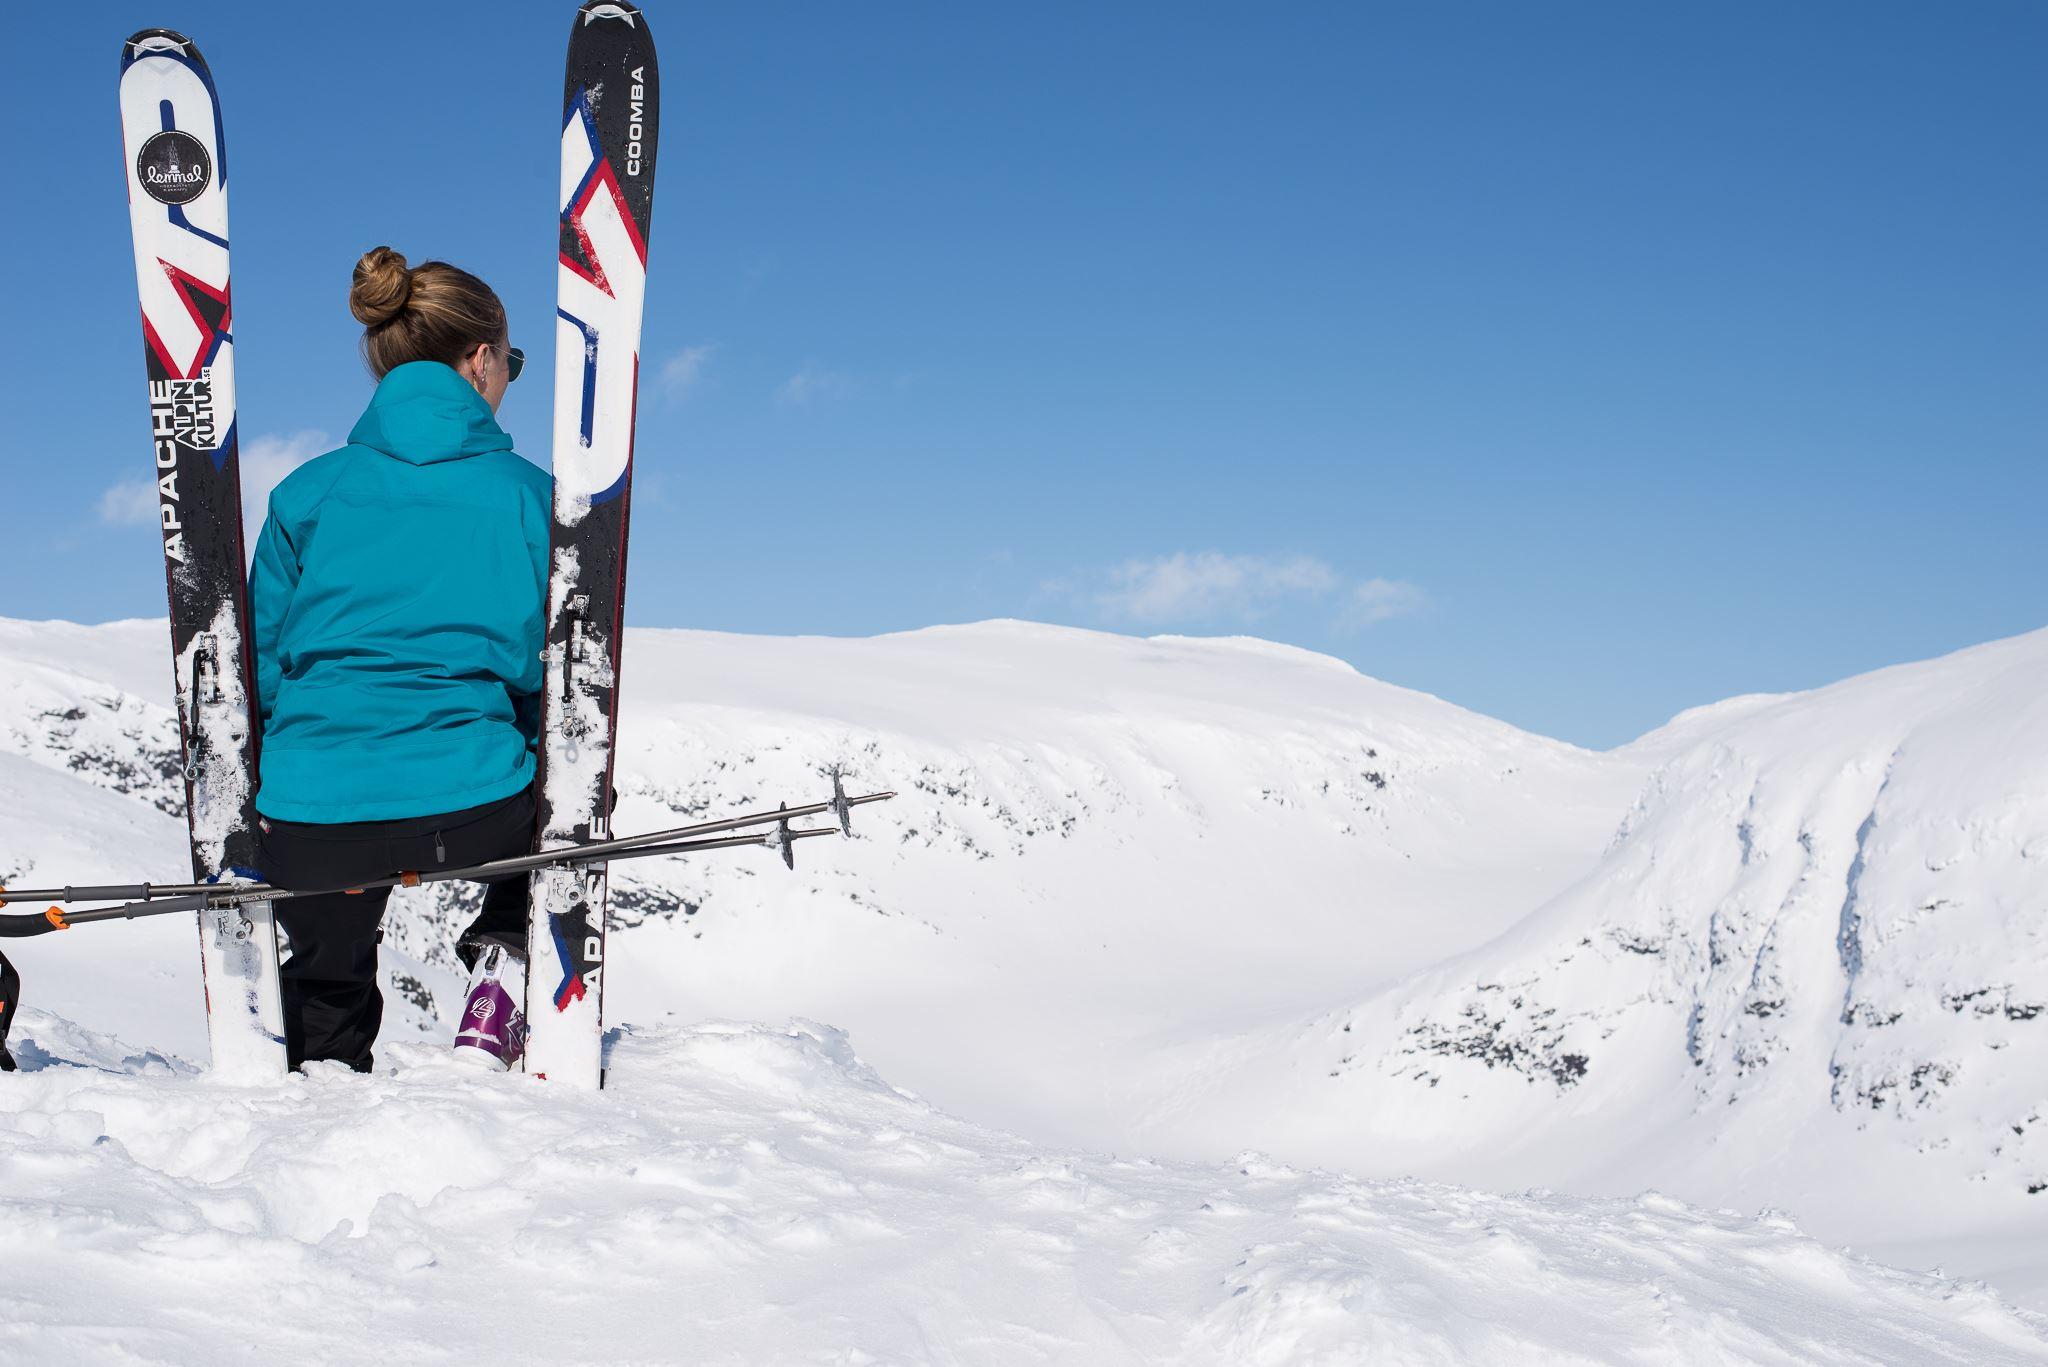 Solkattens skiduthyrning